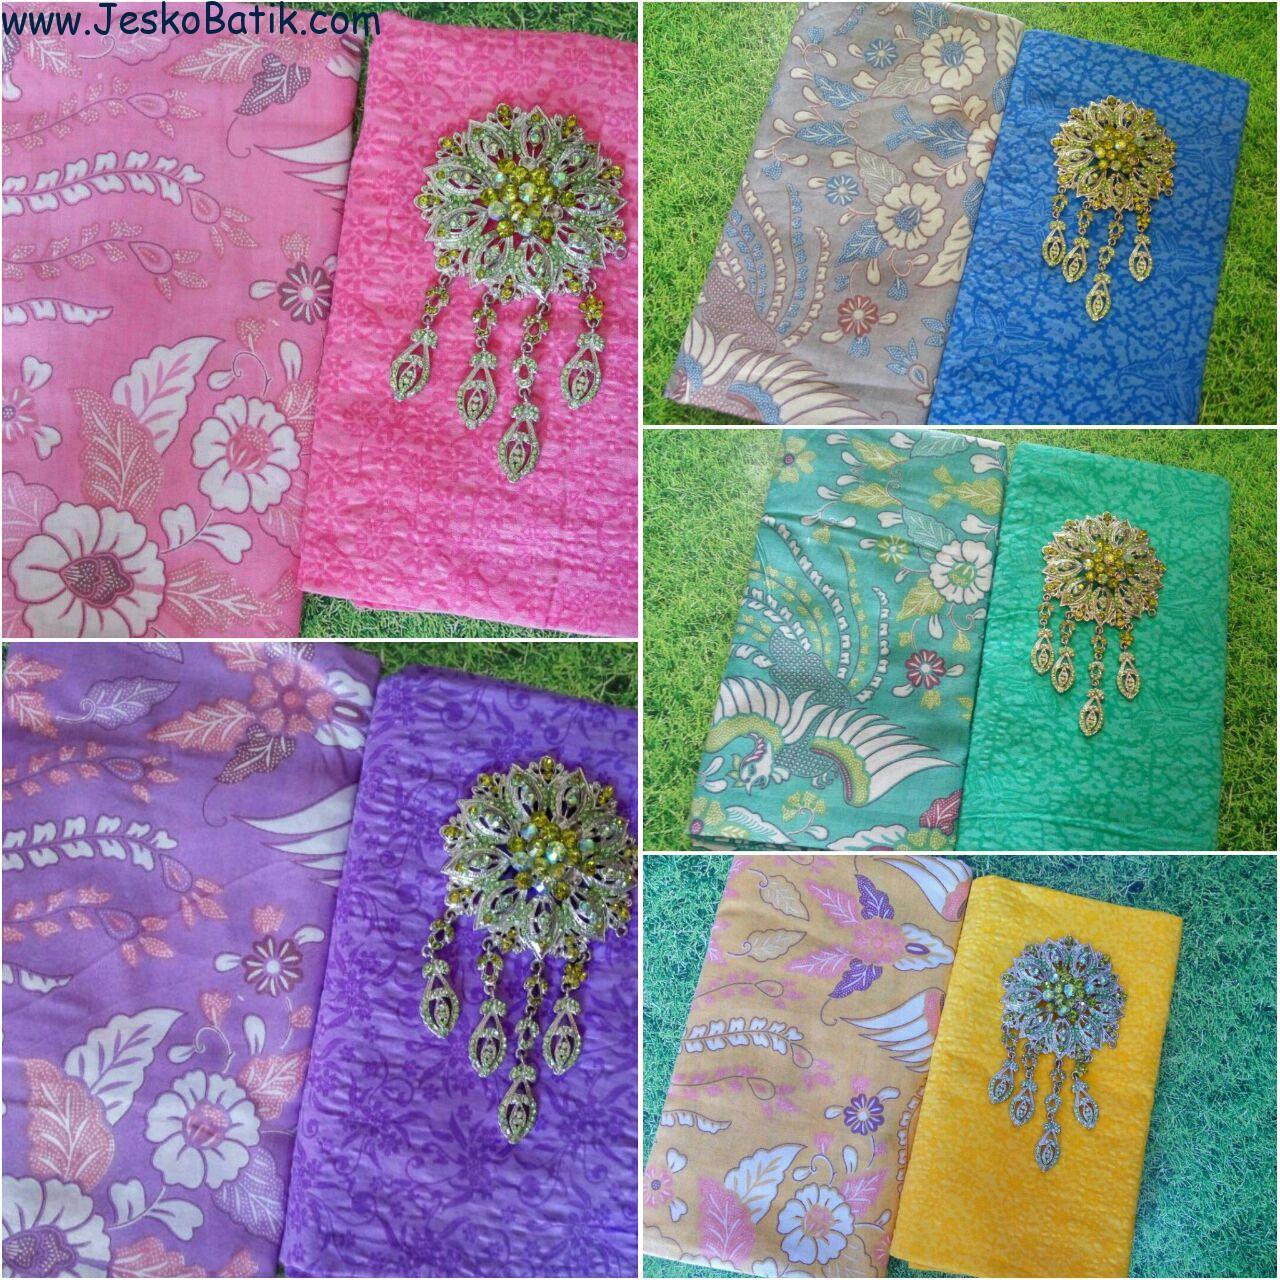 kain batik soft print warna dan kain embos motif